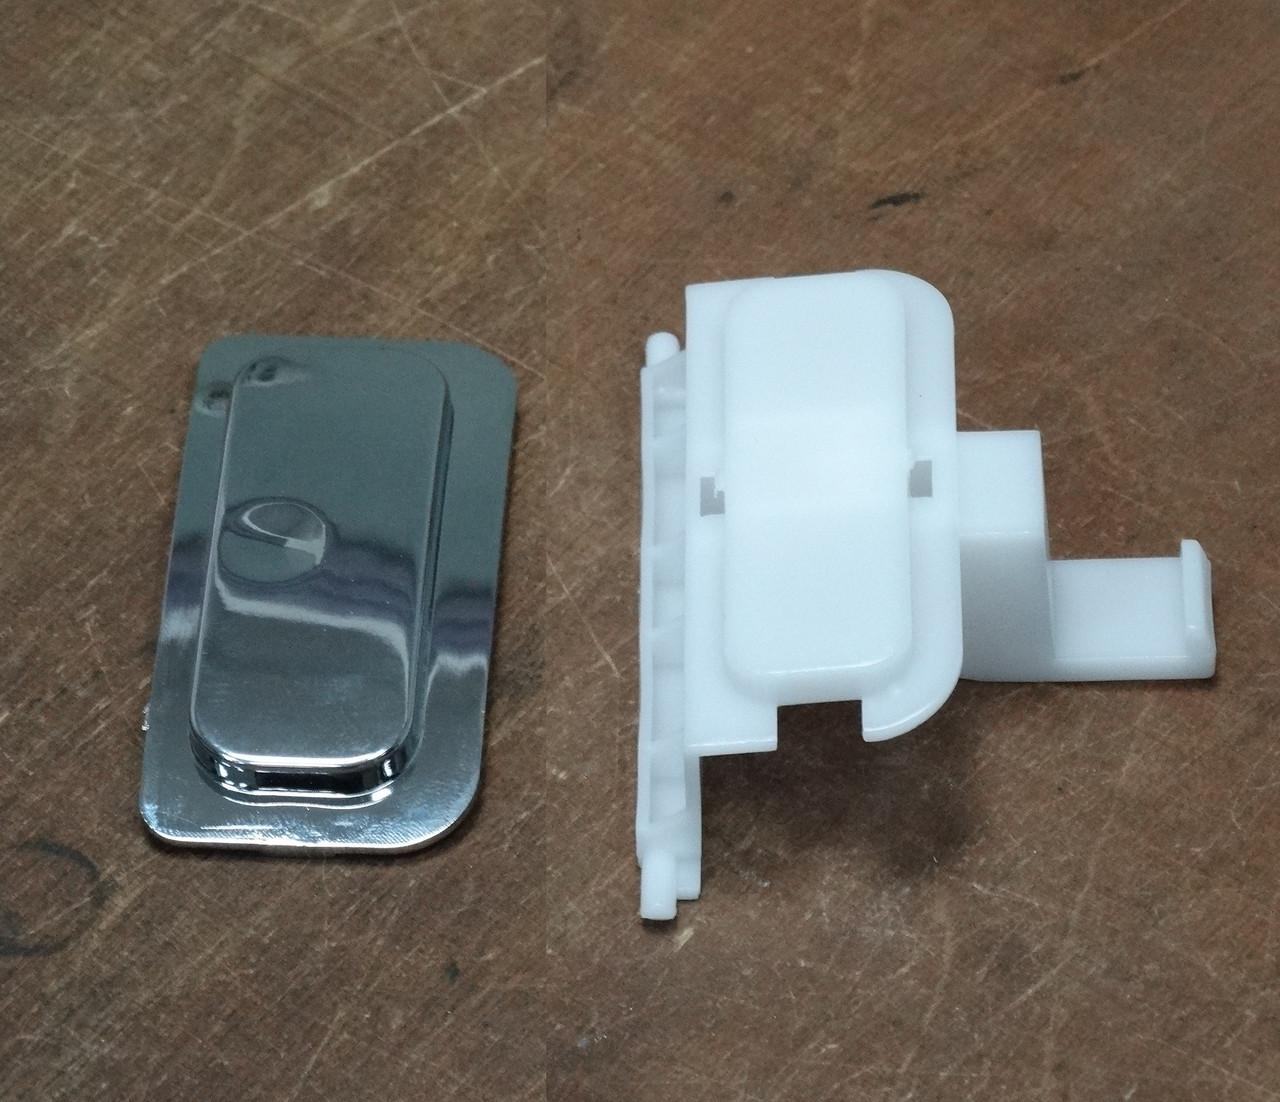 Клавіша відкривання кришки для мультиварки Redmond RMC-250 (RMC-250-22)